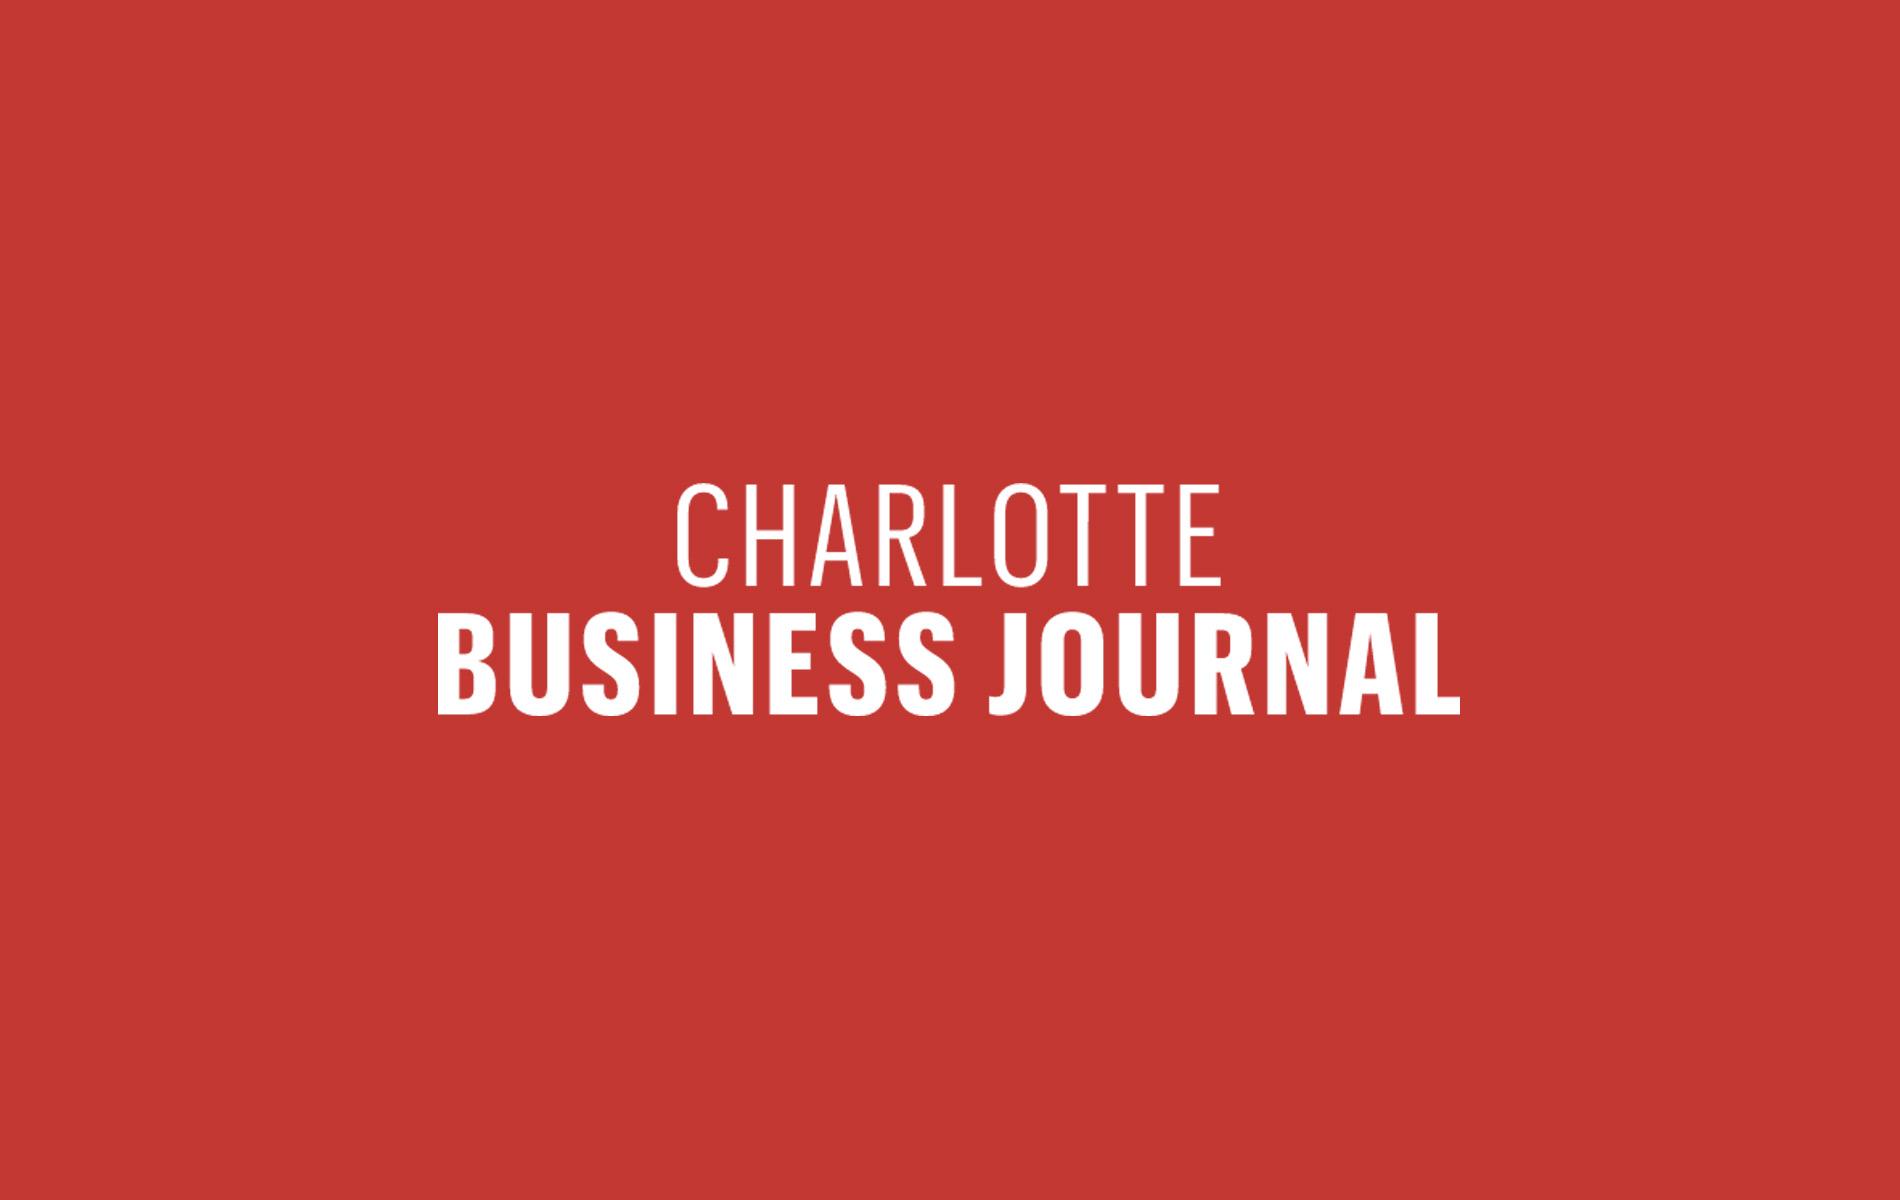 Charlotte Business Journal logo